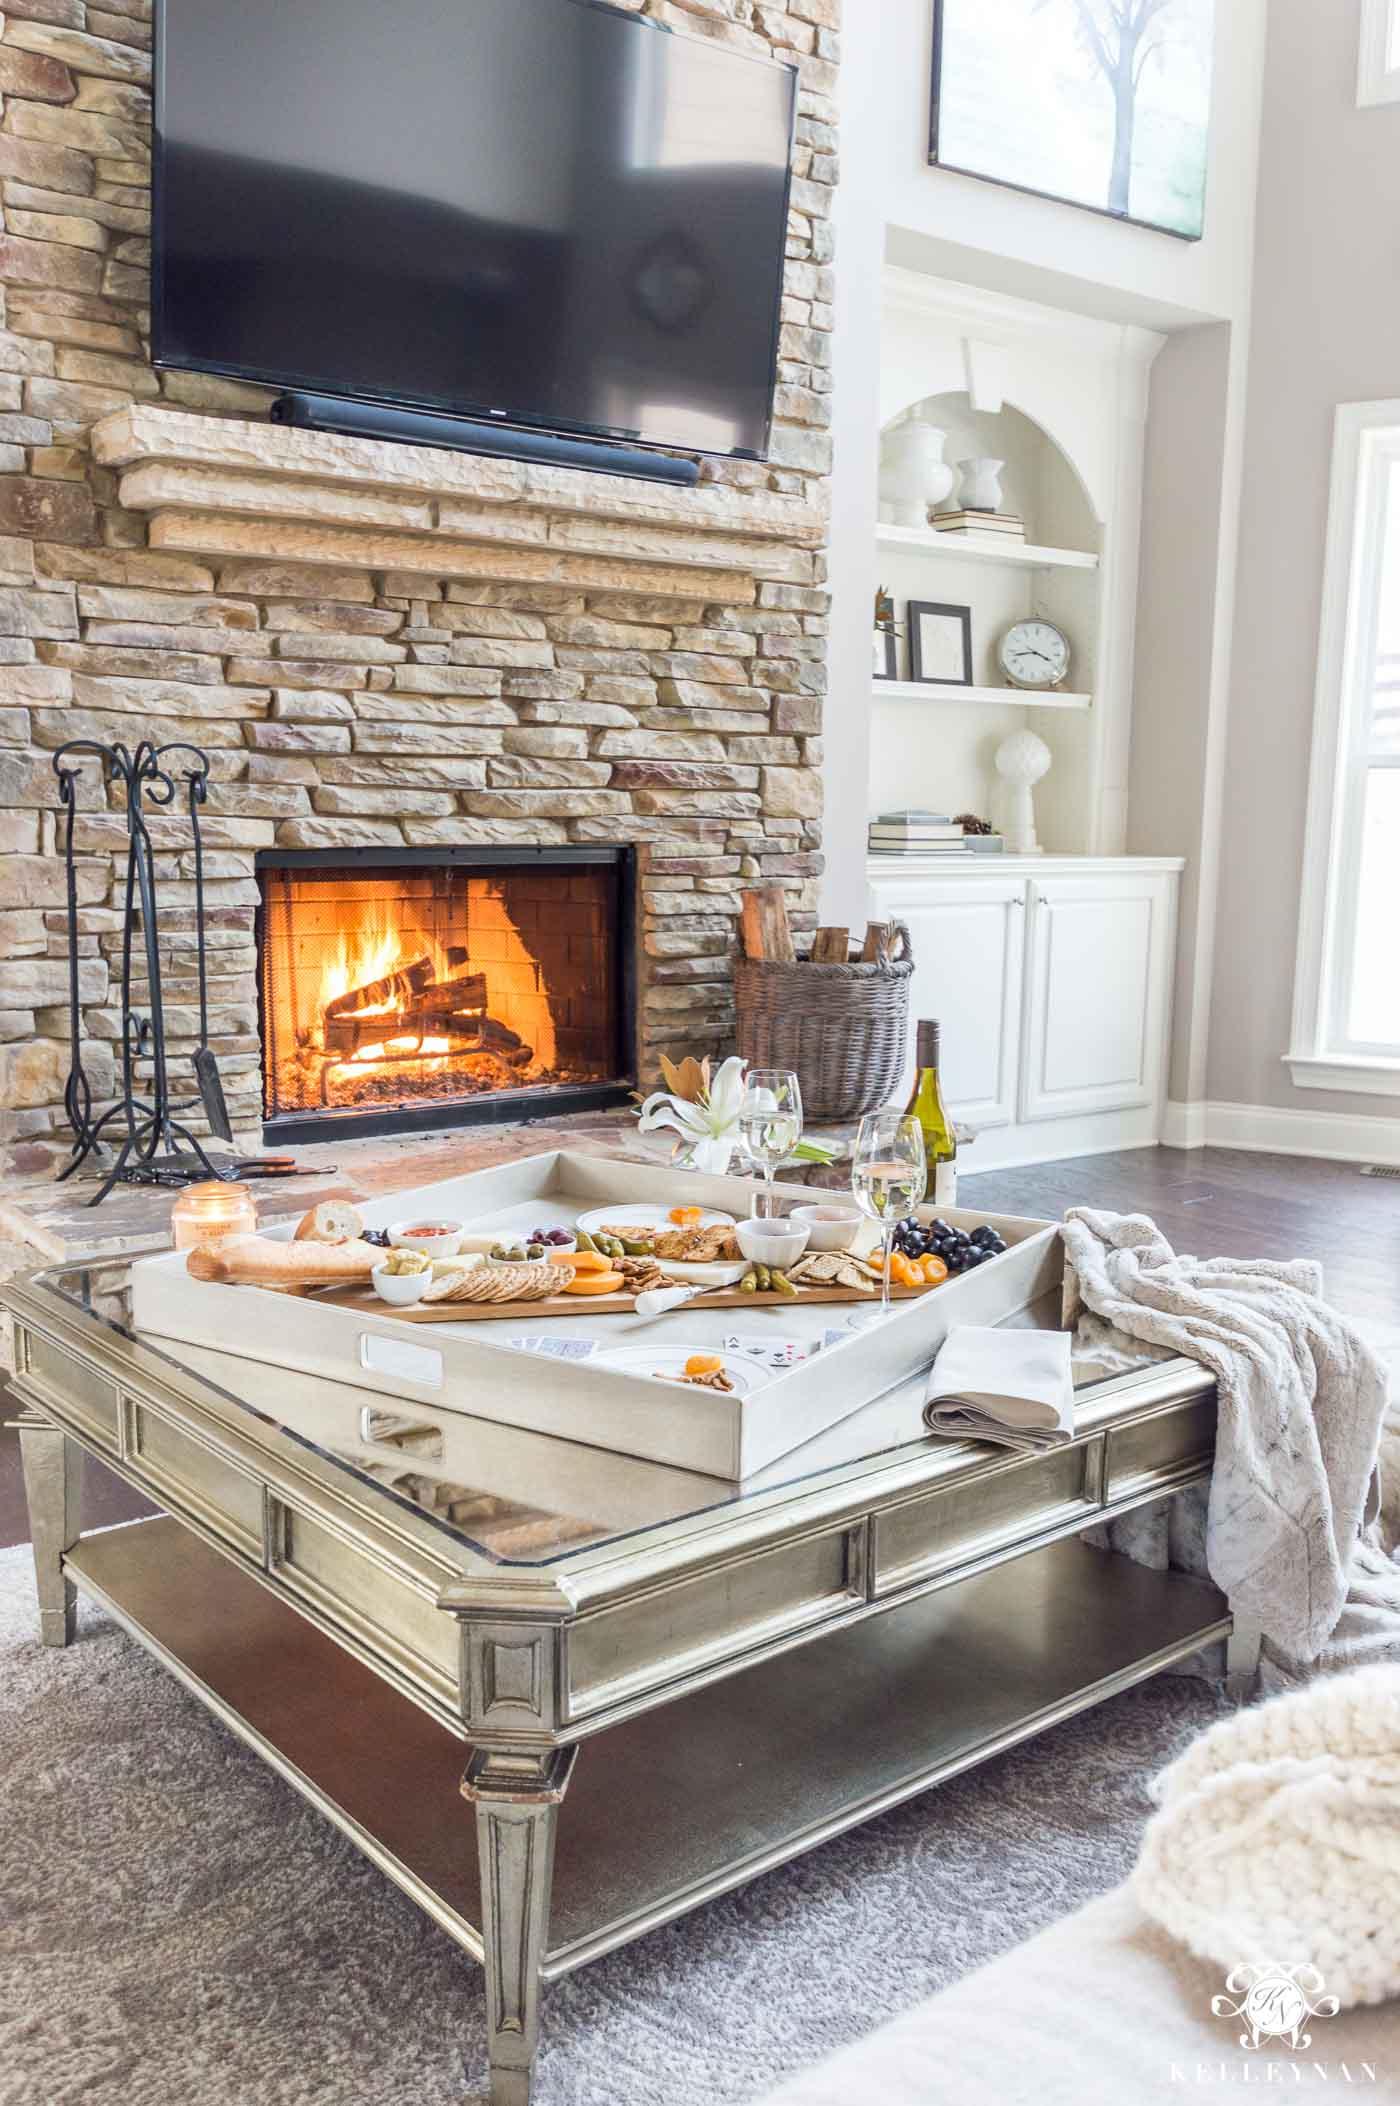 oatmeal sofa cheap modular sydney kelley nan's home furniture: top inquiries